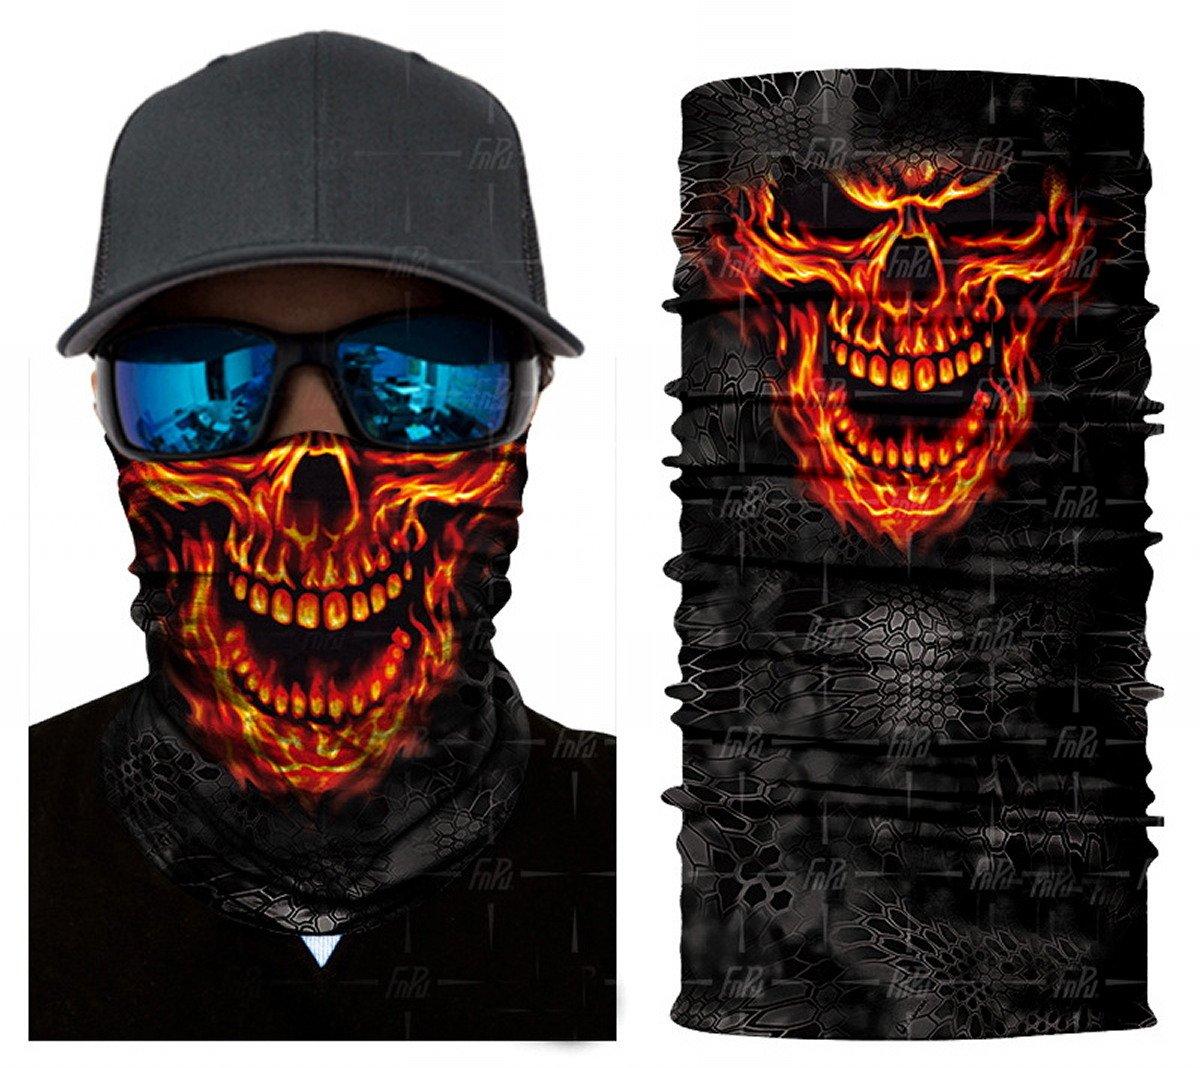 ARUNDEL SERVICES EU N24 Fuoco Cranio Maschera antipolvere protettiva tubolare Bandana Motociclo Sciarpa in poliestere Viso Scaldacollo per snowboard Paintball Sciare Motociclo Bicicletta